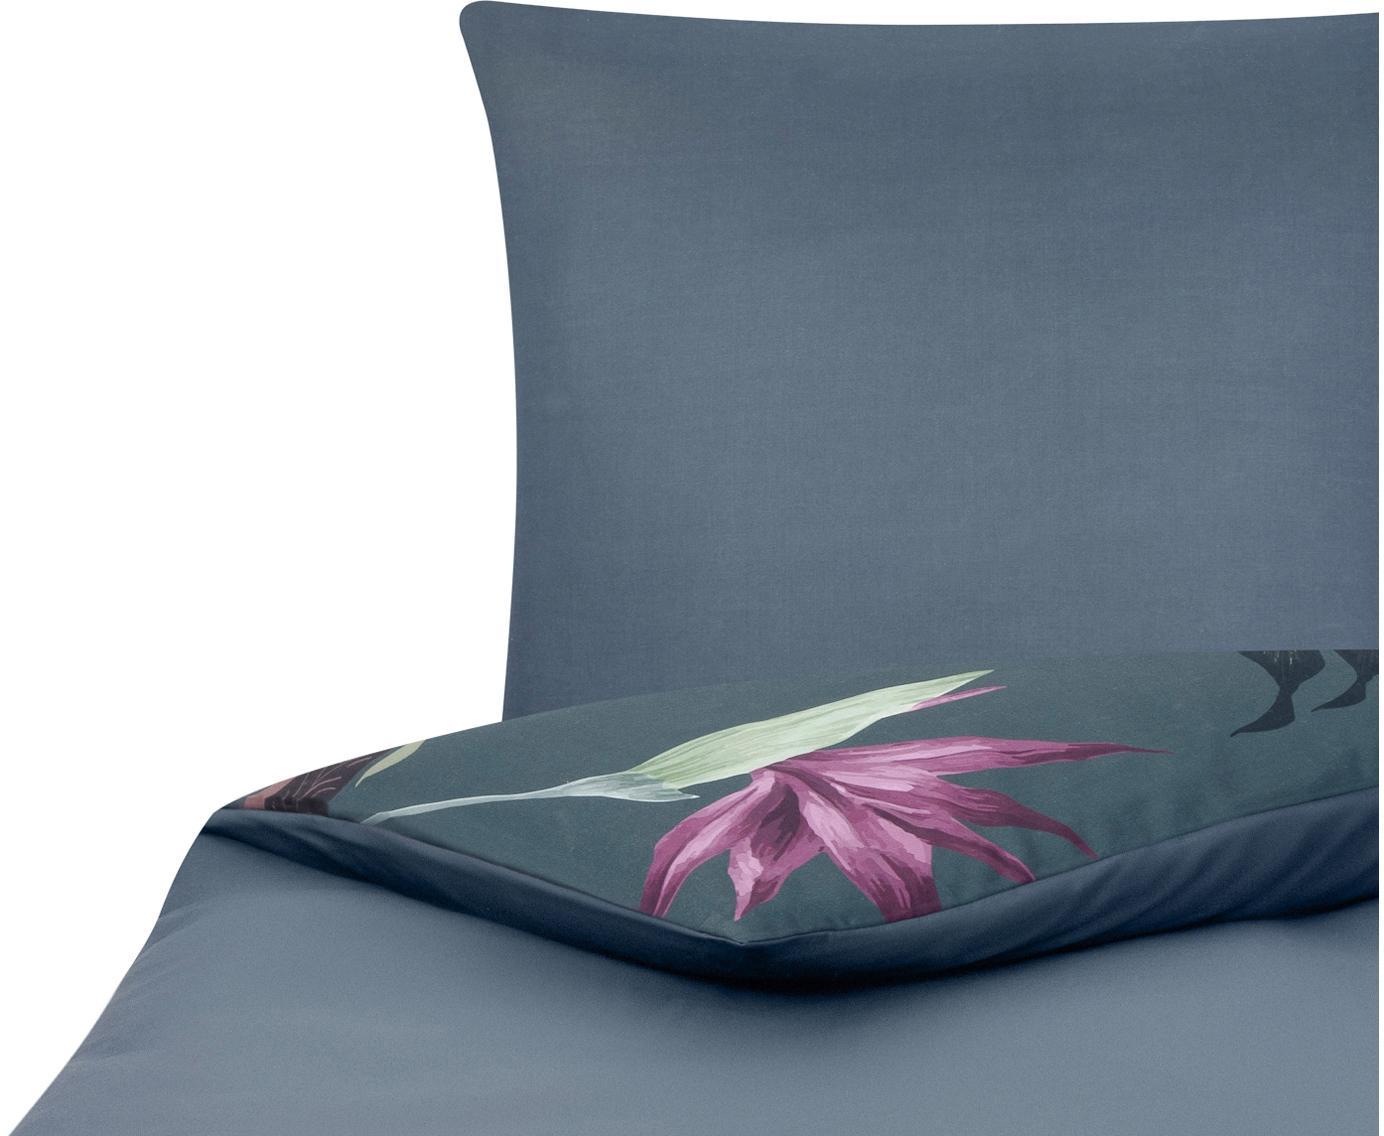 Baumwollsatin-Bettwäsche Flora in Dunkelgrau, Webart: Satin Fadendichte 210 TC,, Vorderseite: MehrfarbigRückseite: Dunkelgrau, 135 x 200 cm + 1 Kissen 80 x 80 cm